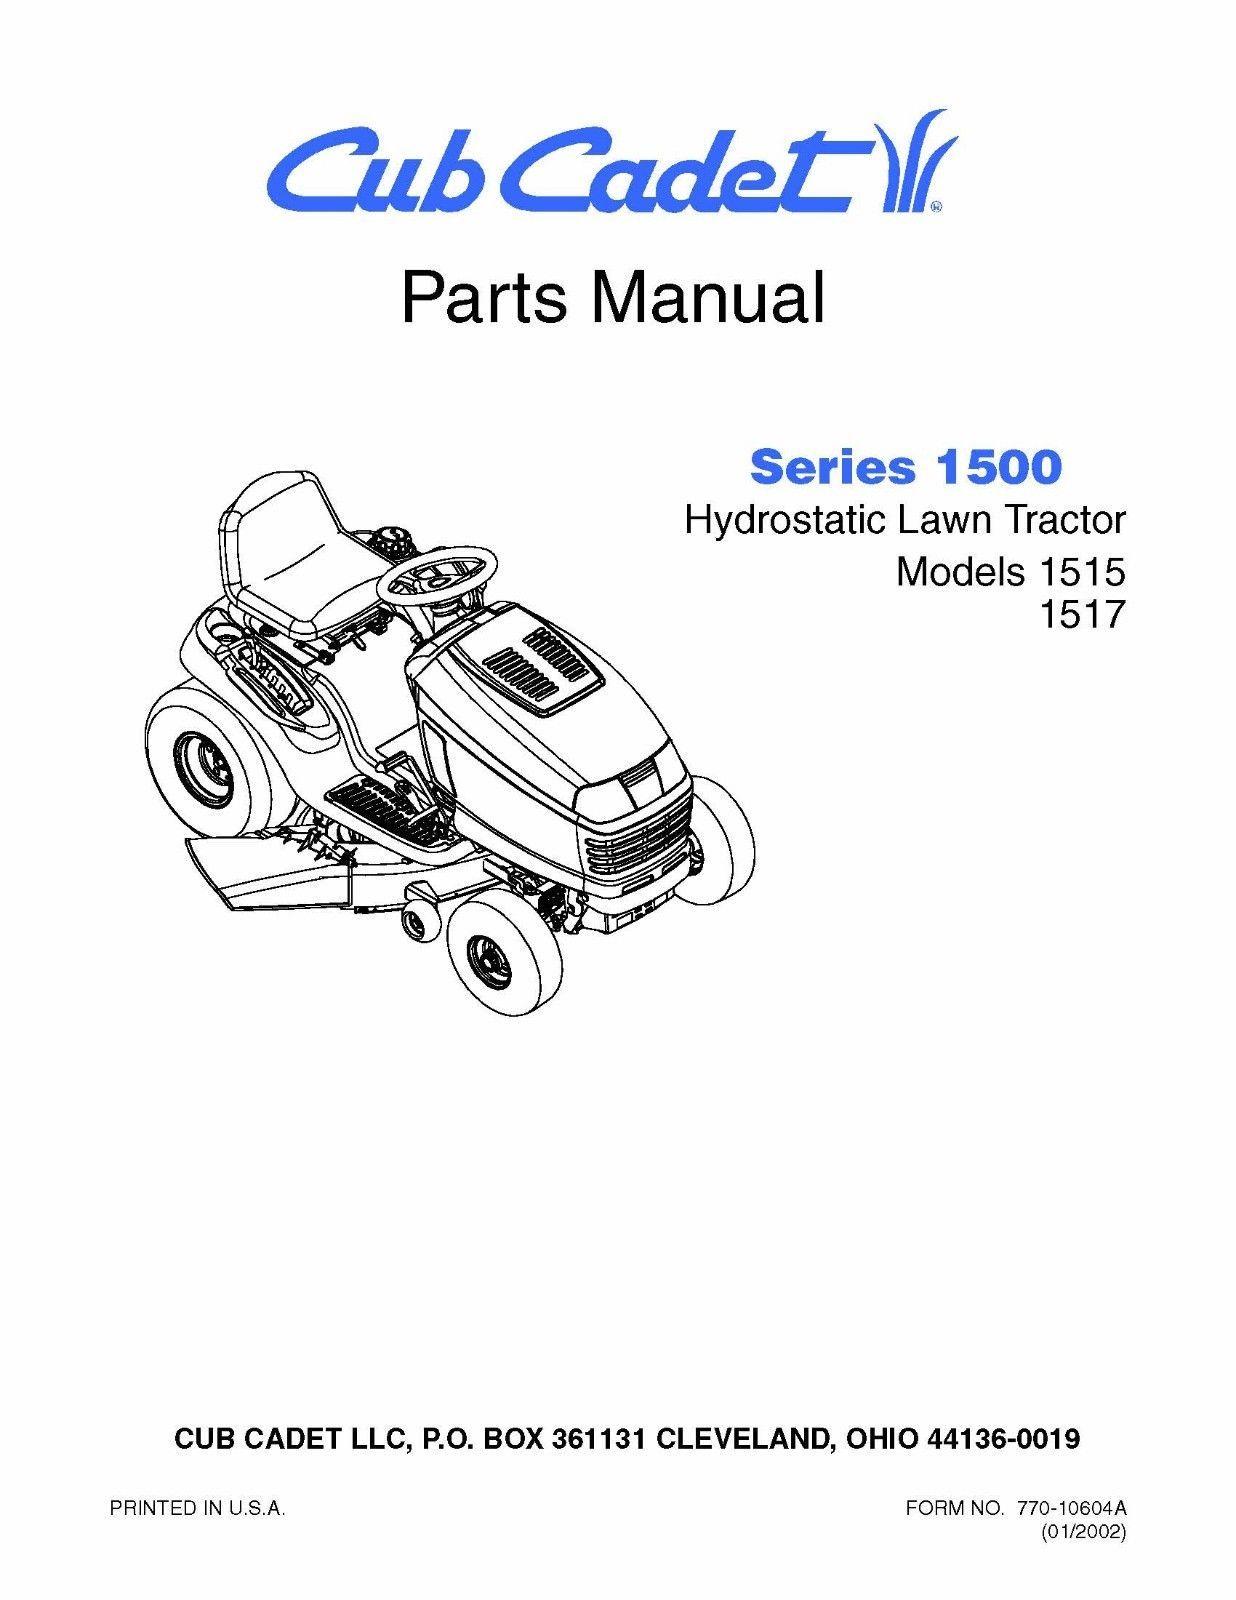 Cub Cadet 1500 Series Hydrostatic Lawn Tractor Parts Manual Model No. 1515-1517